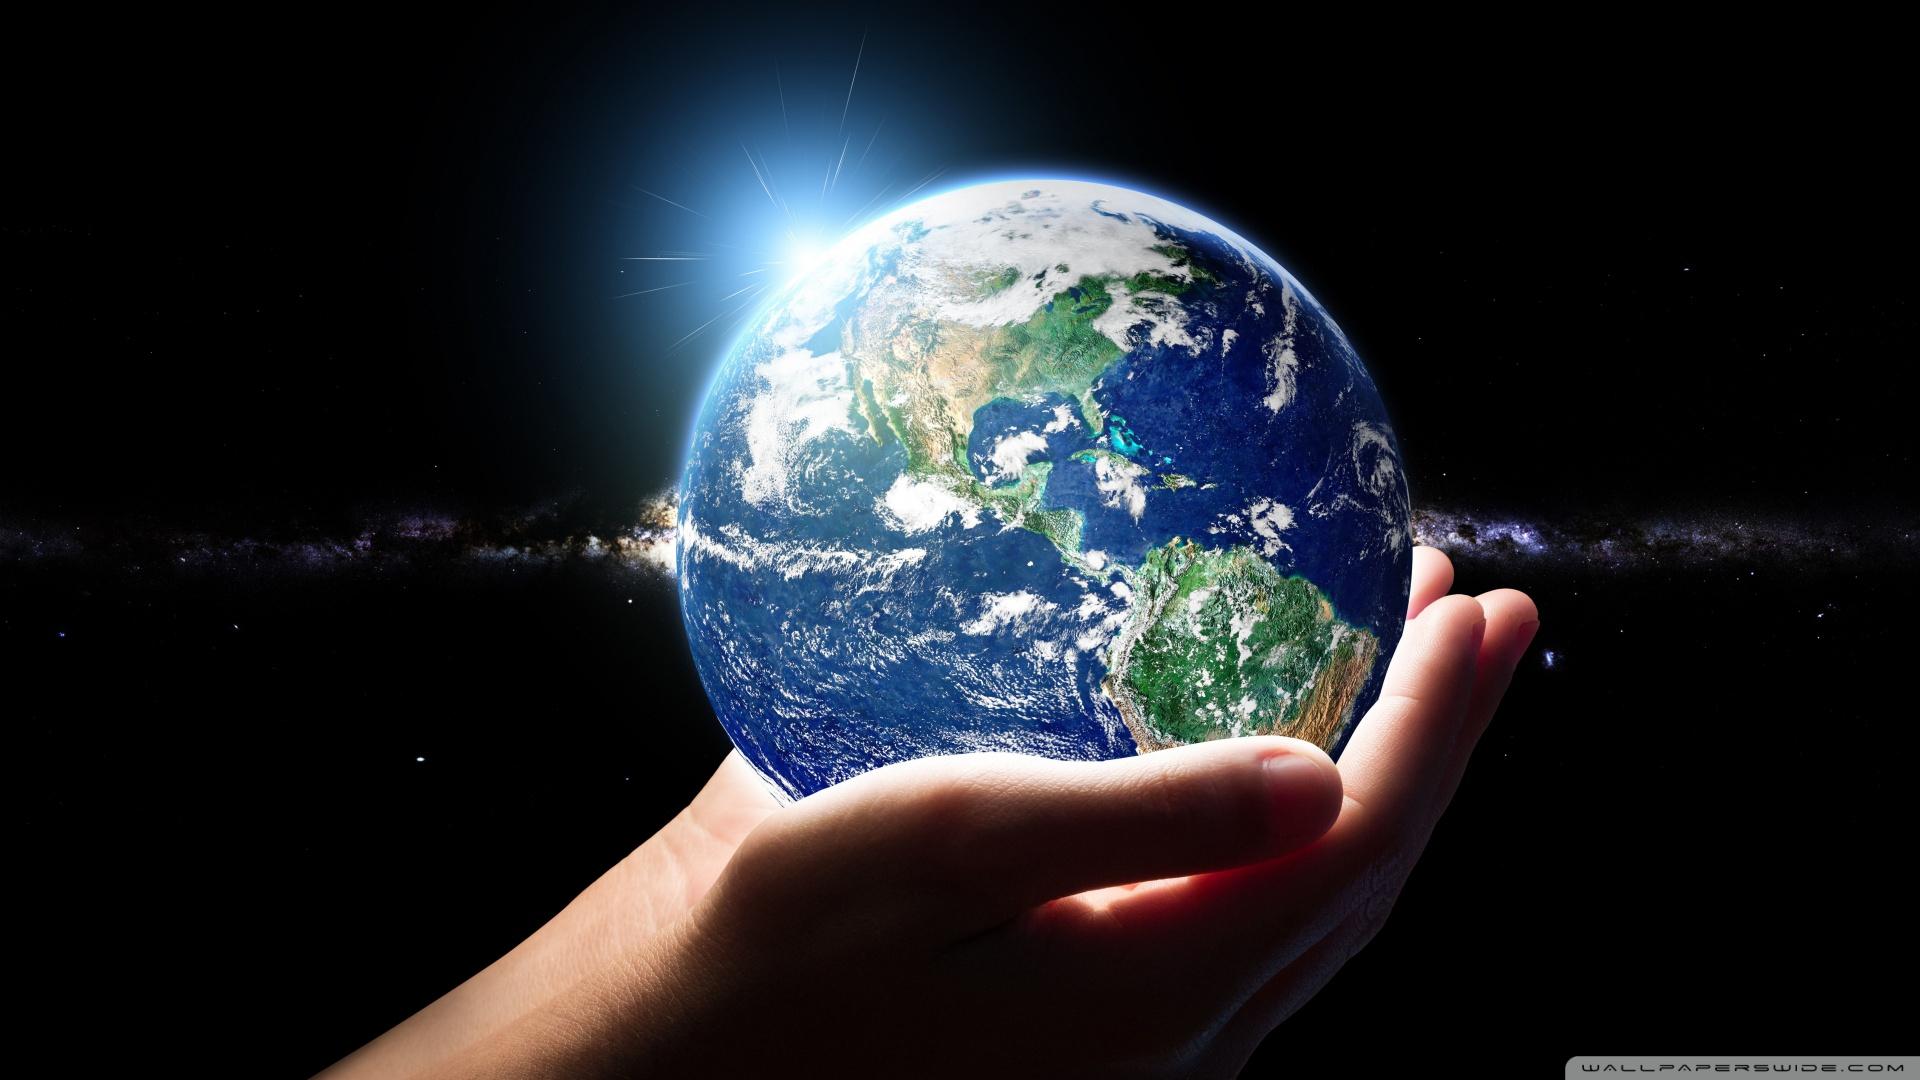 Download Planet Earth Wallpaper Hd - Earth Hd , HD Wallpaper & Backgrounds